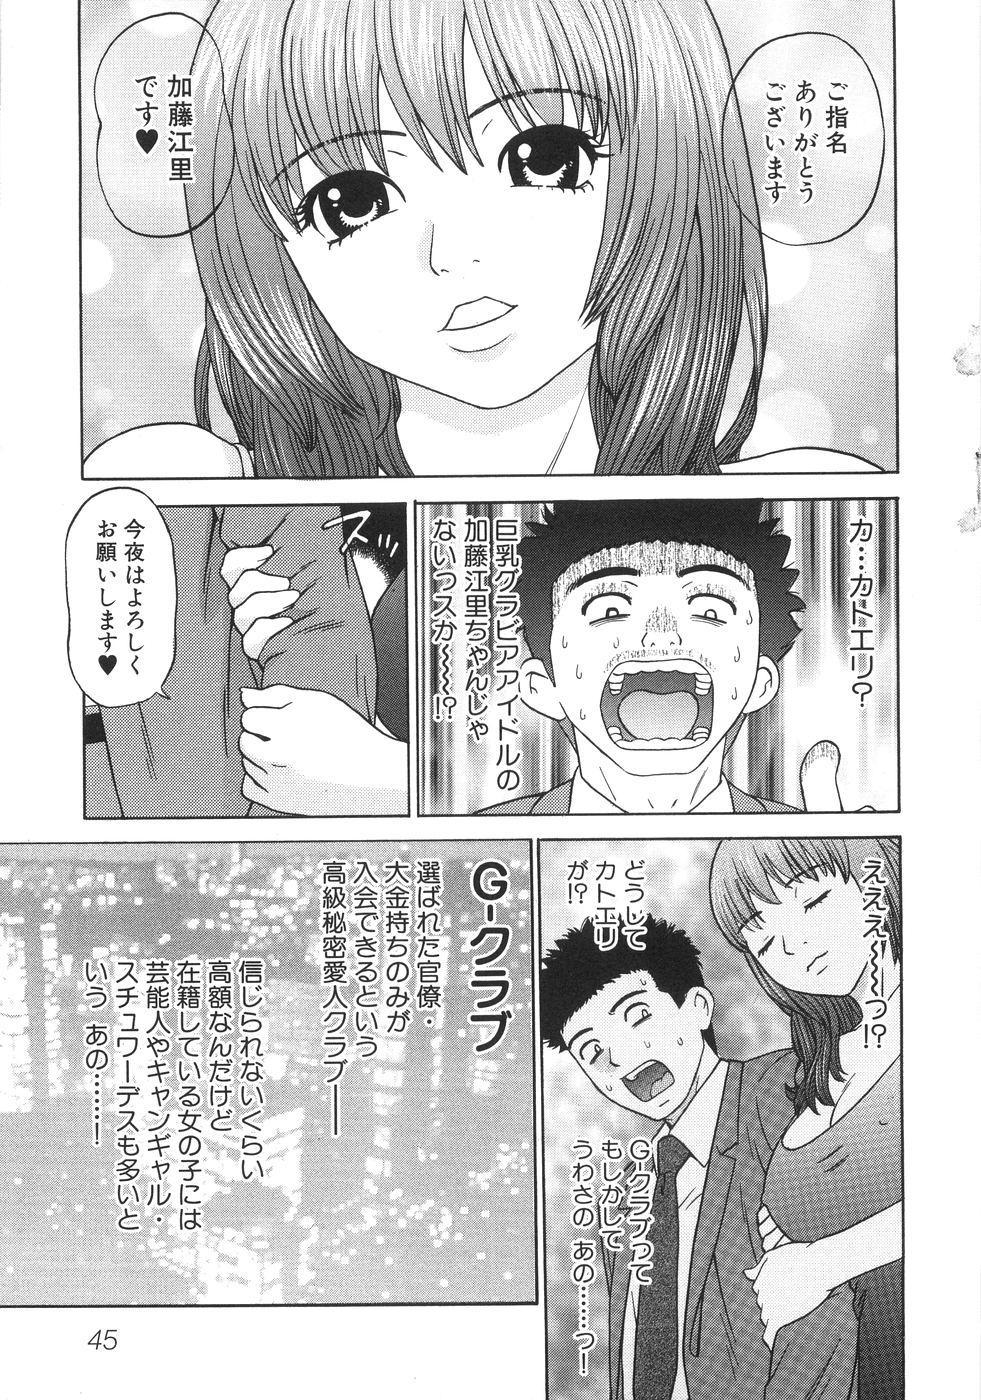 Hitoriyogari 51